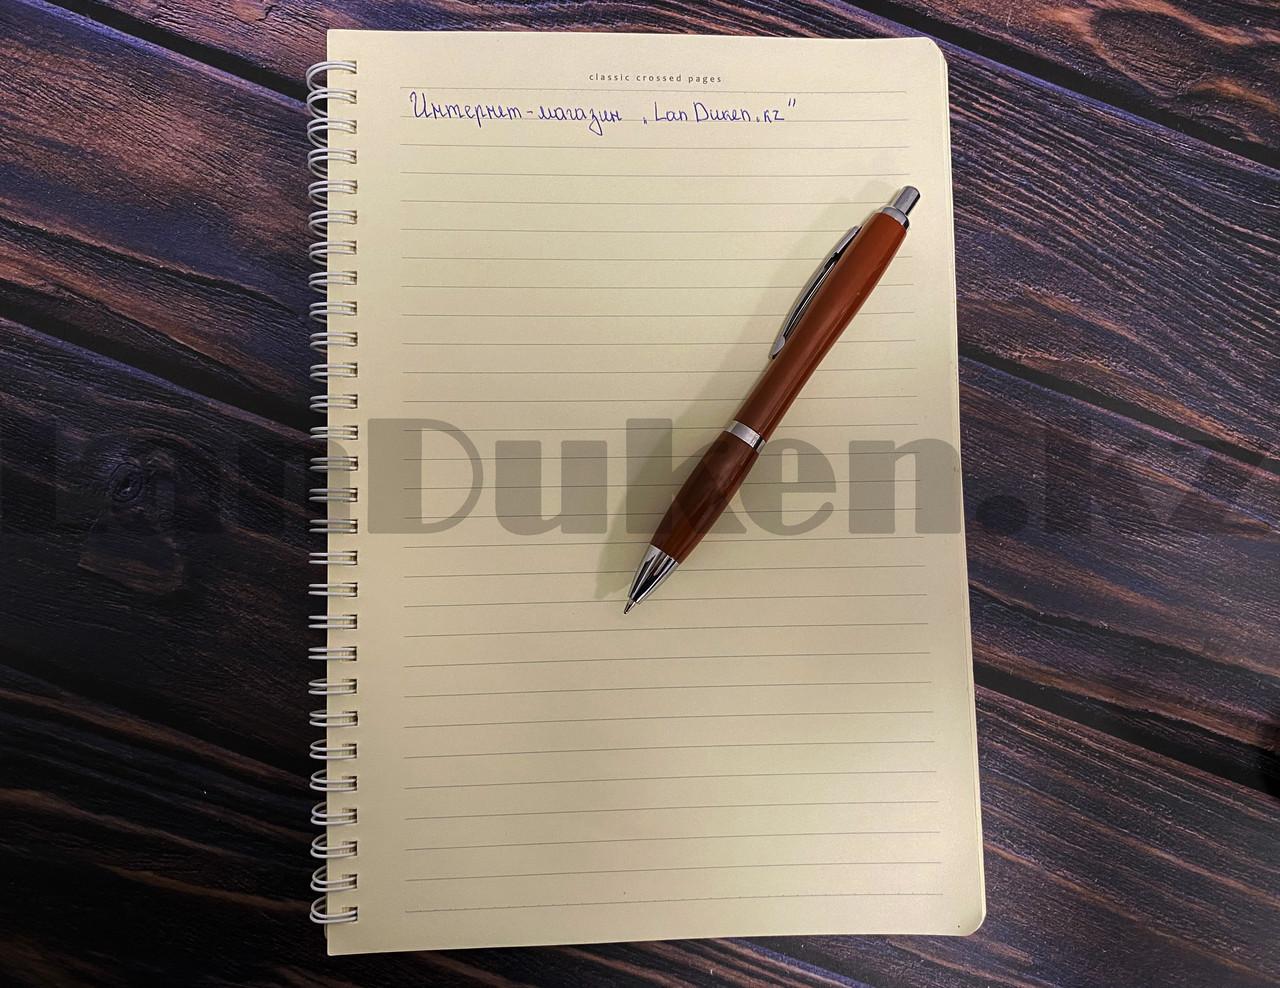 Мужской набор (фляга 250 мл фляга 100 мл рюмка воронка ручка) в подарочной коробке - фото 6